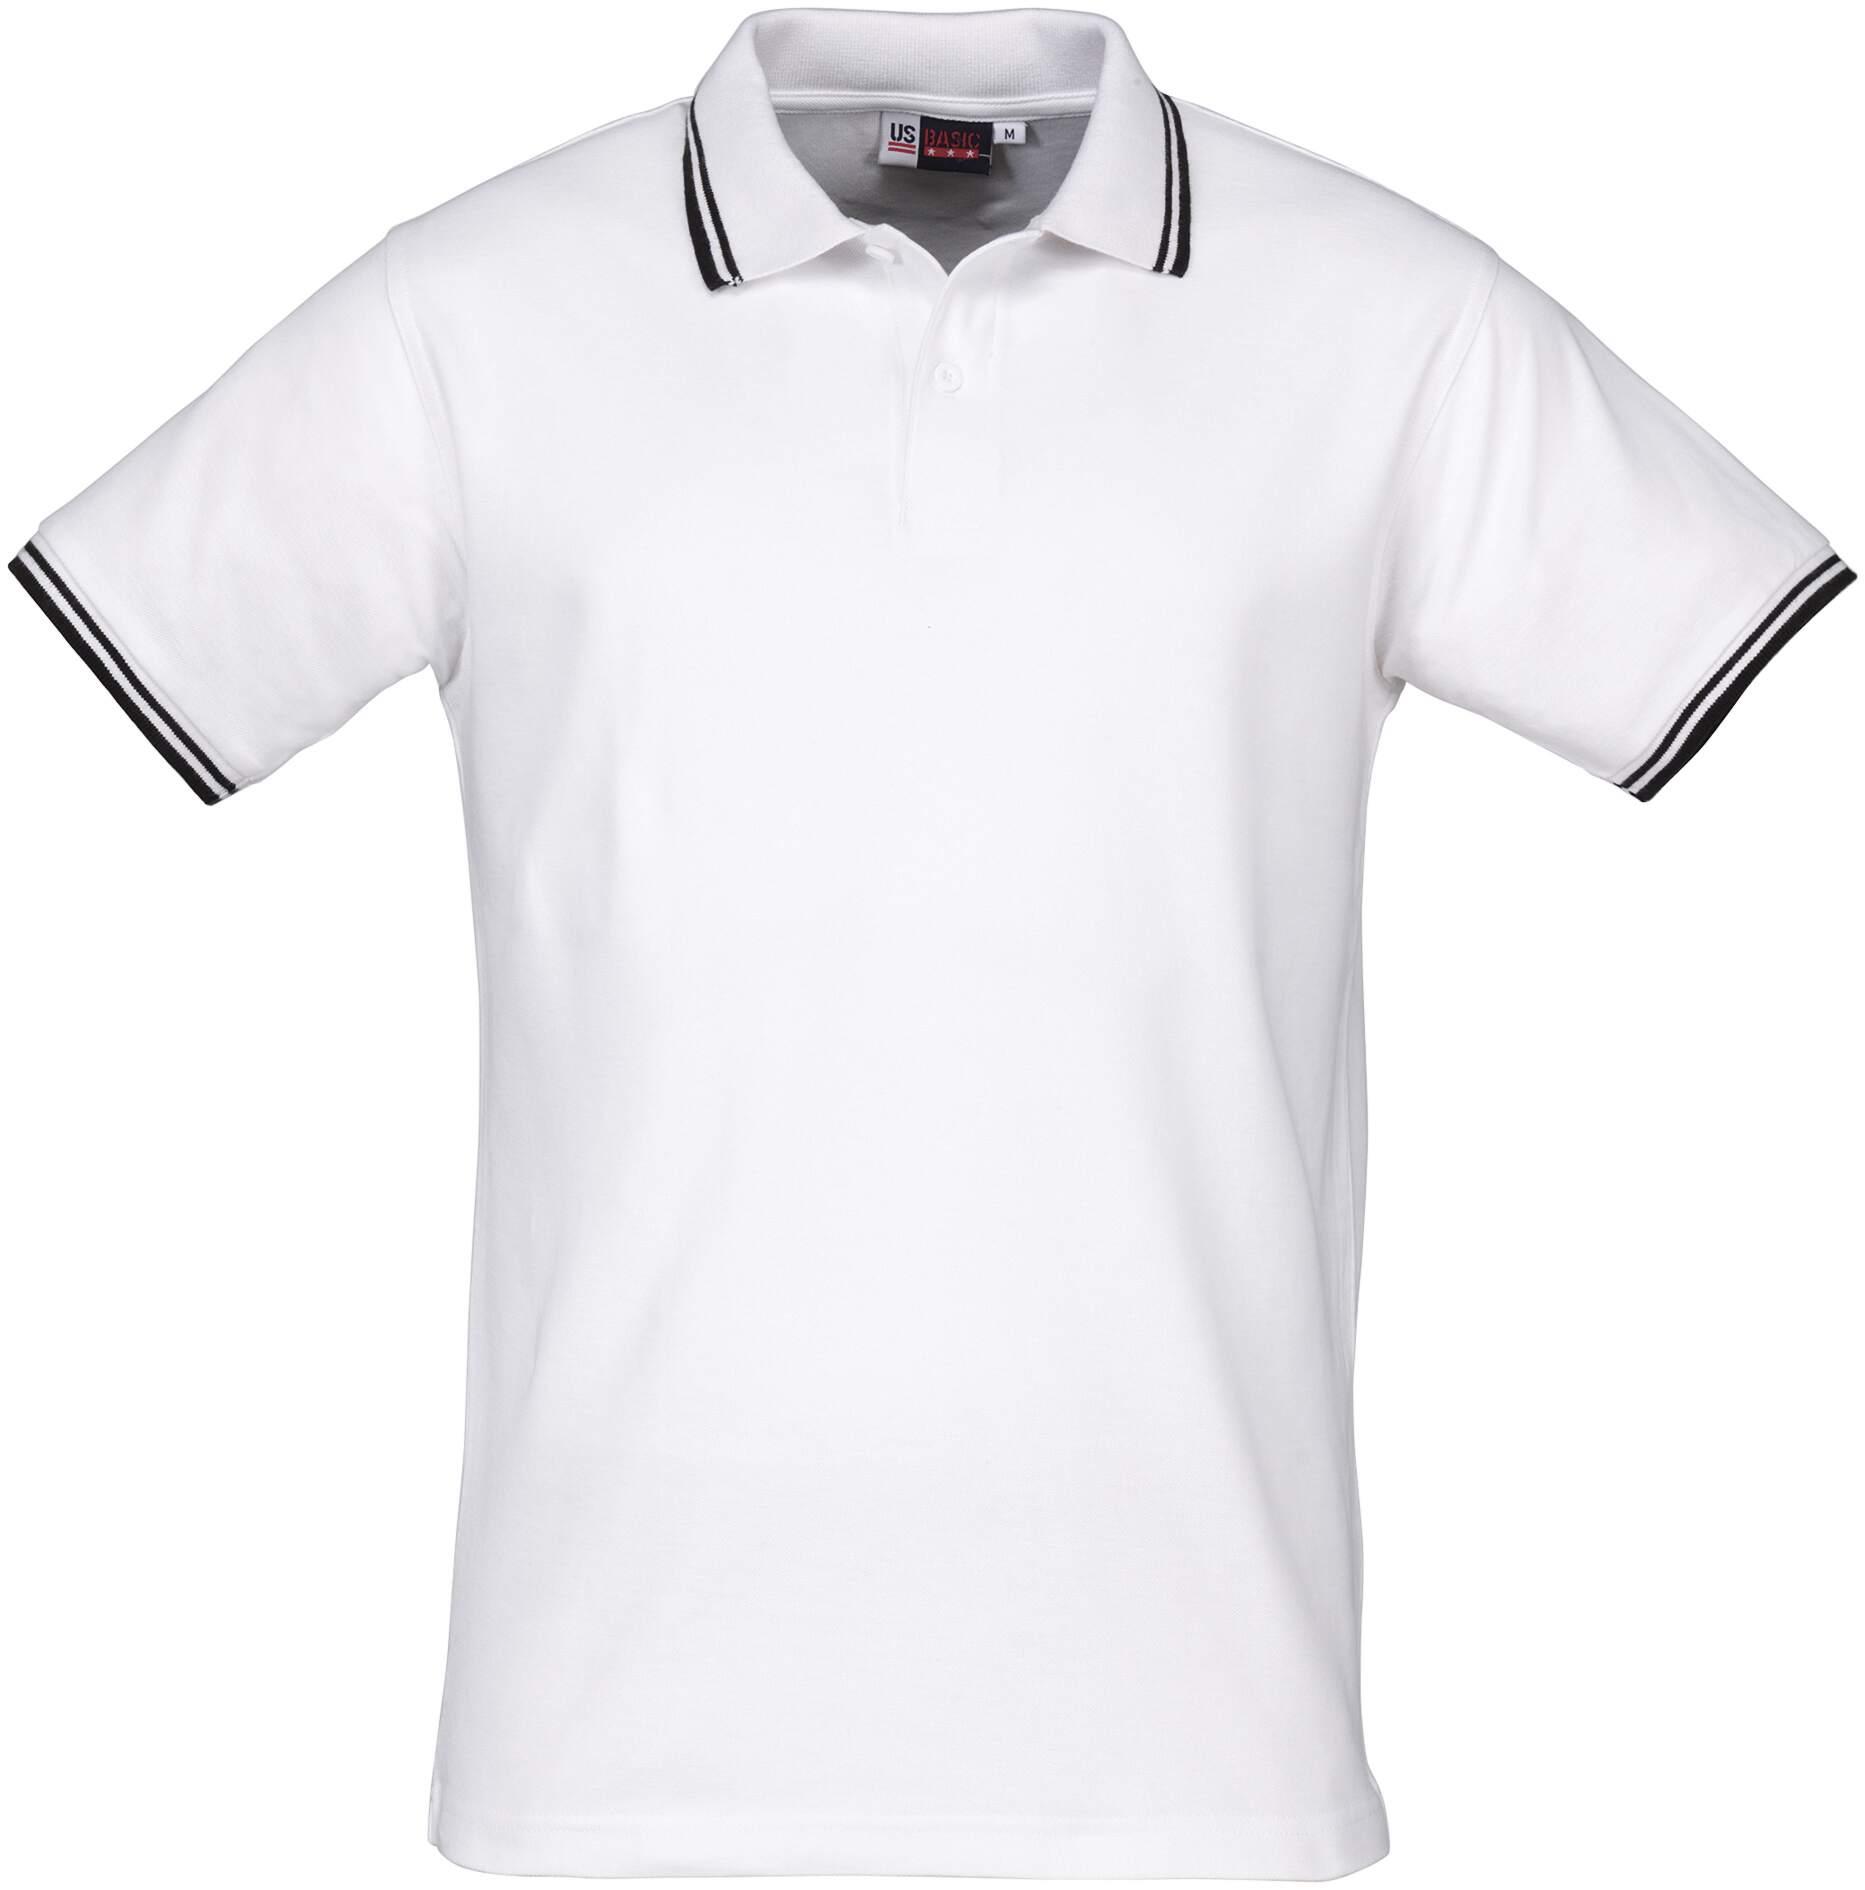 Koszulki Polo Lady US 31100 Erie - 31100_biały_czarny_US - Kolor: Biały / Czarny